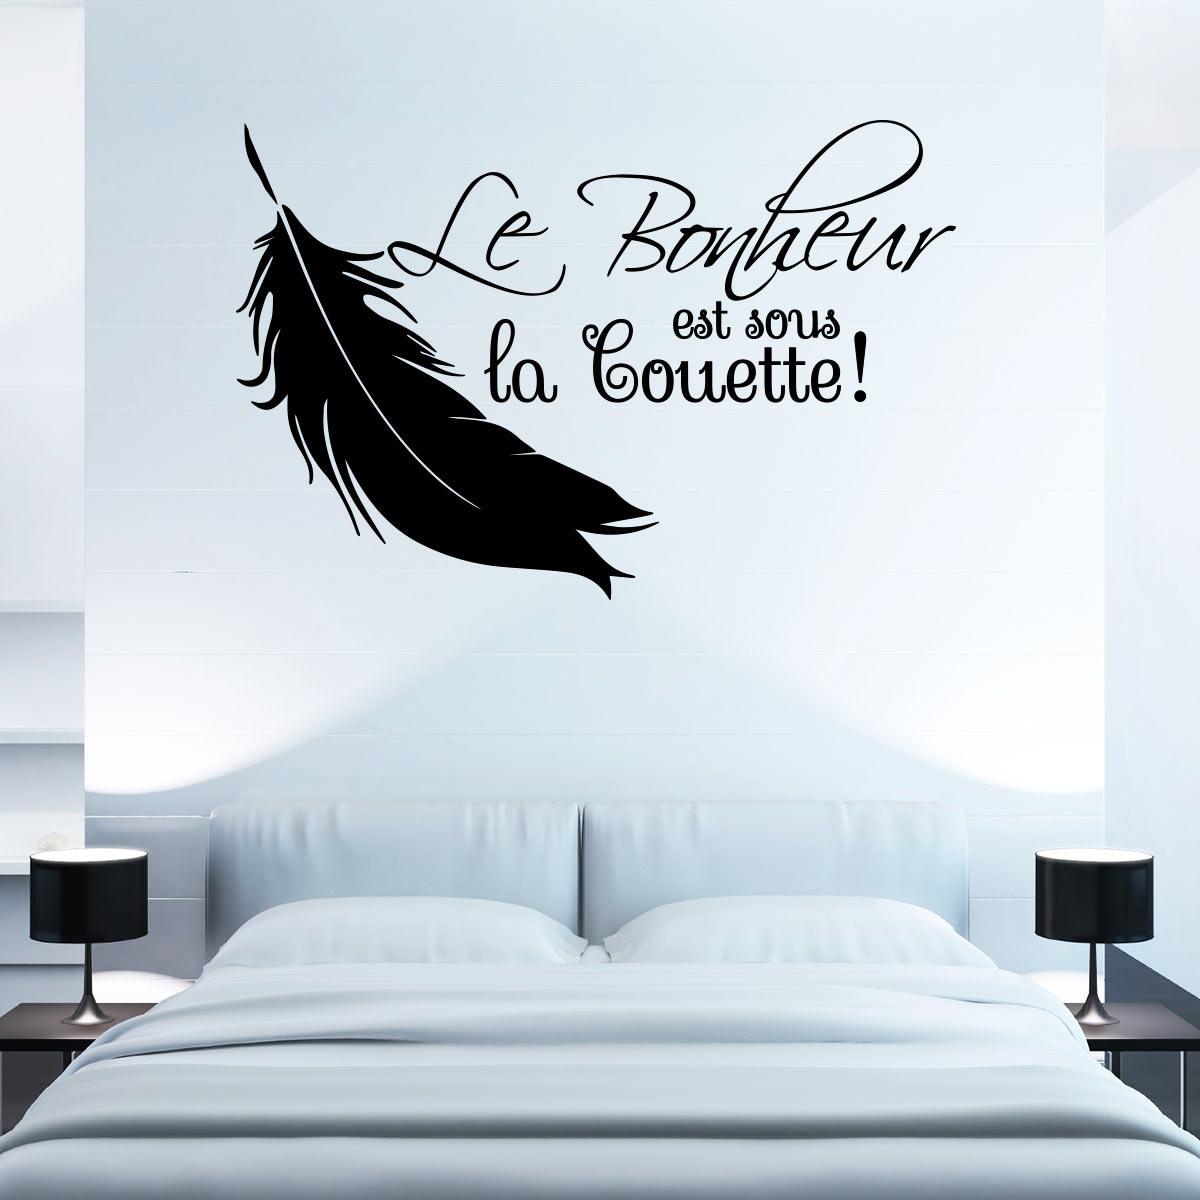 Sticker Le Bonheur Est Sous La Couette Stickers Citations Fran Ais